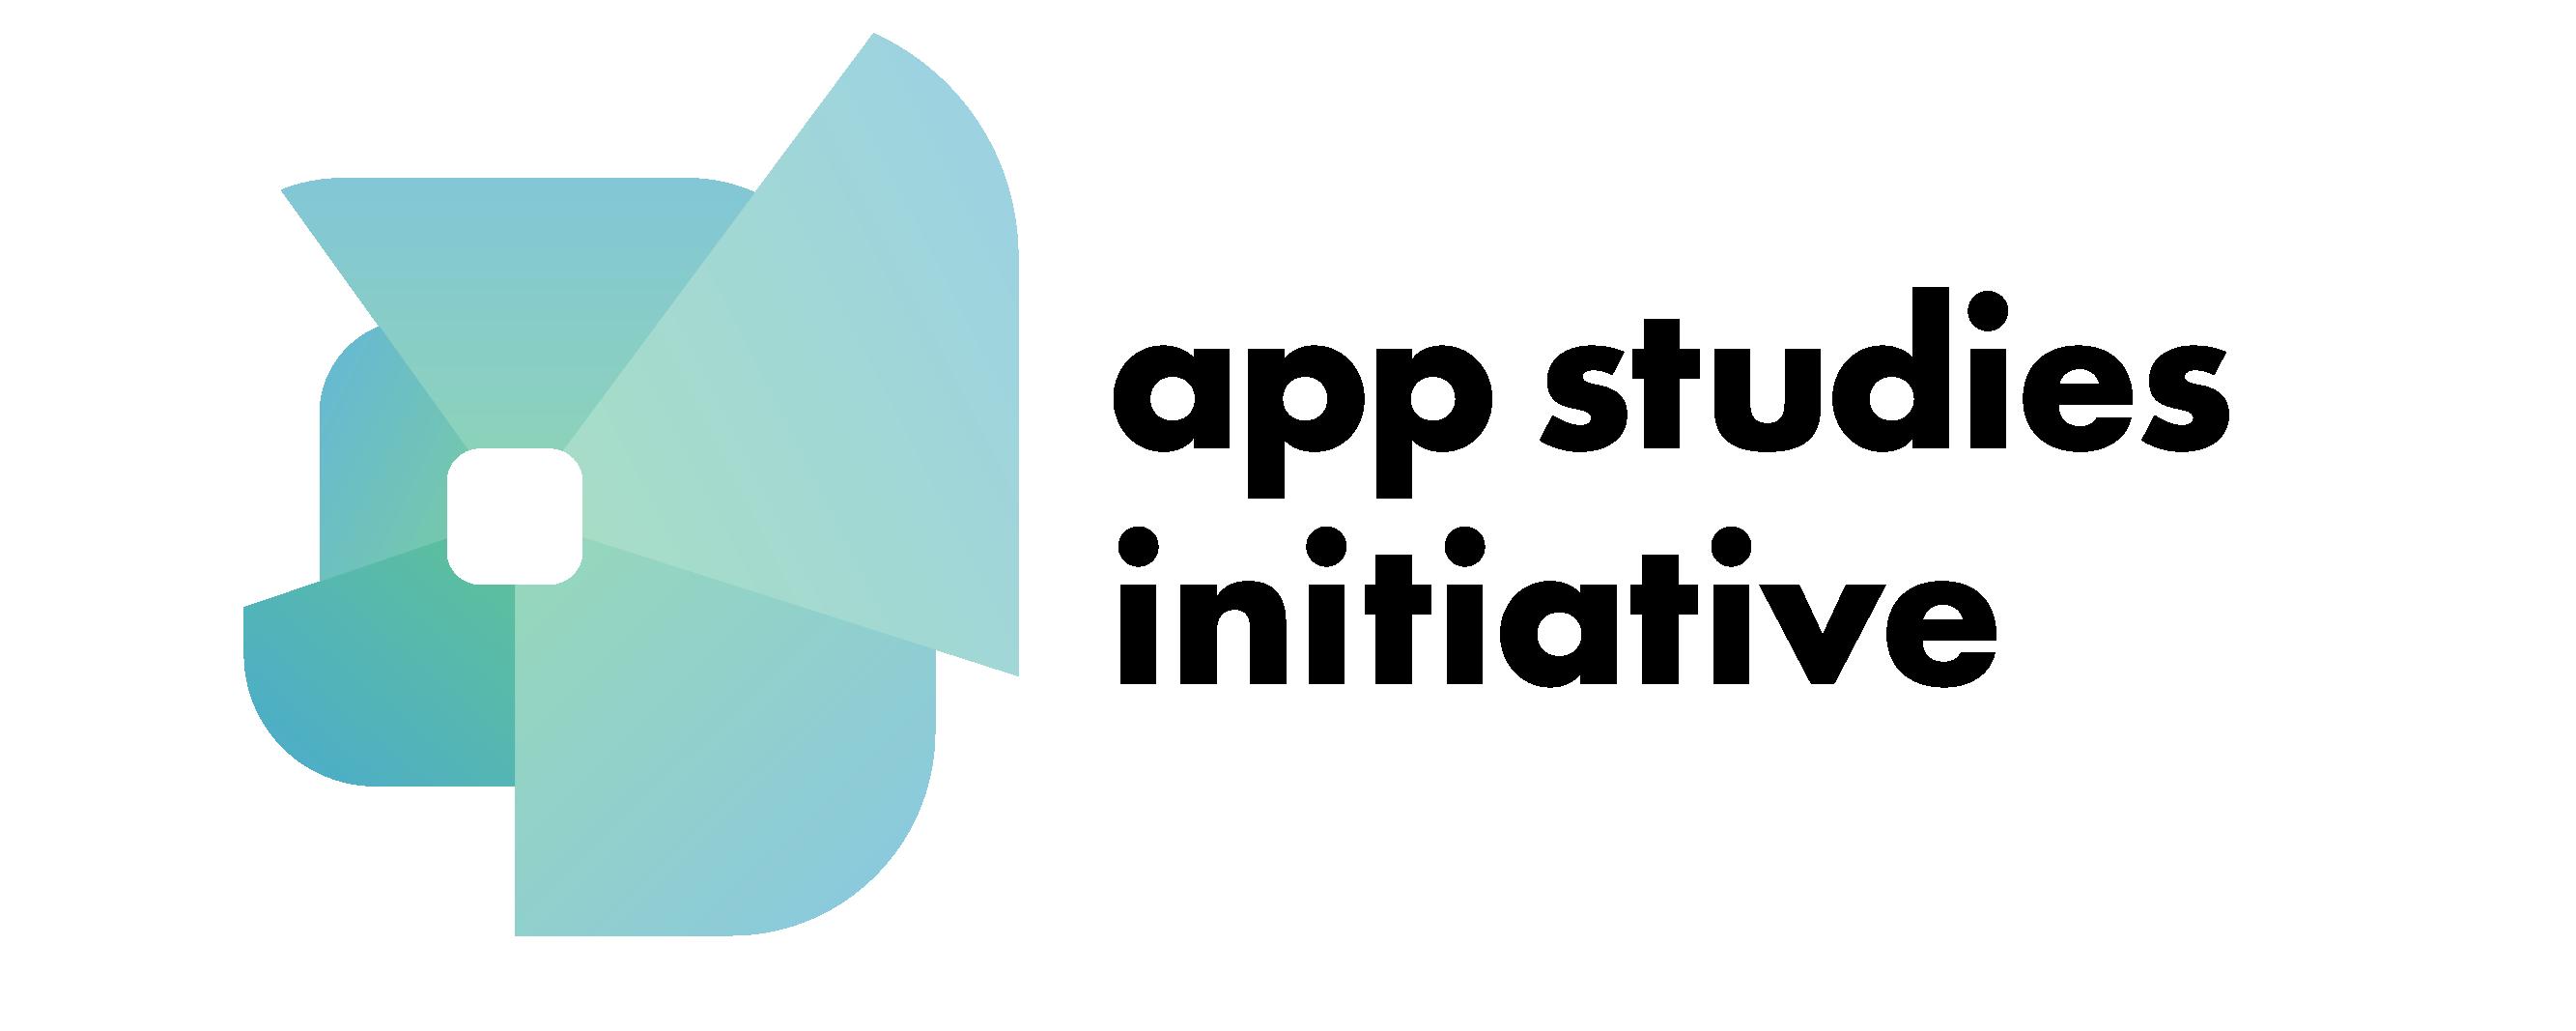 app studies initiative